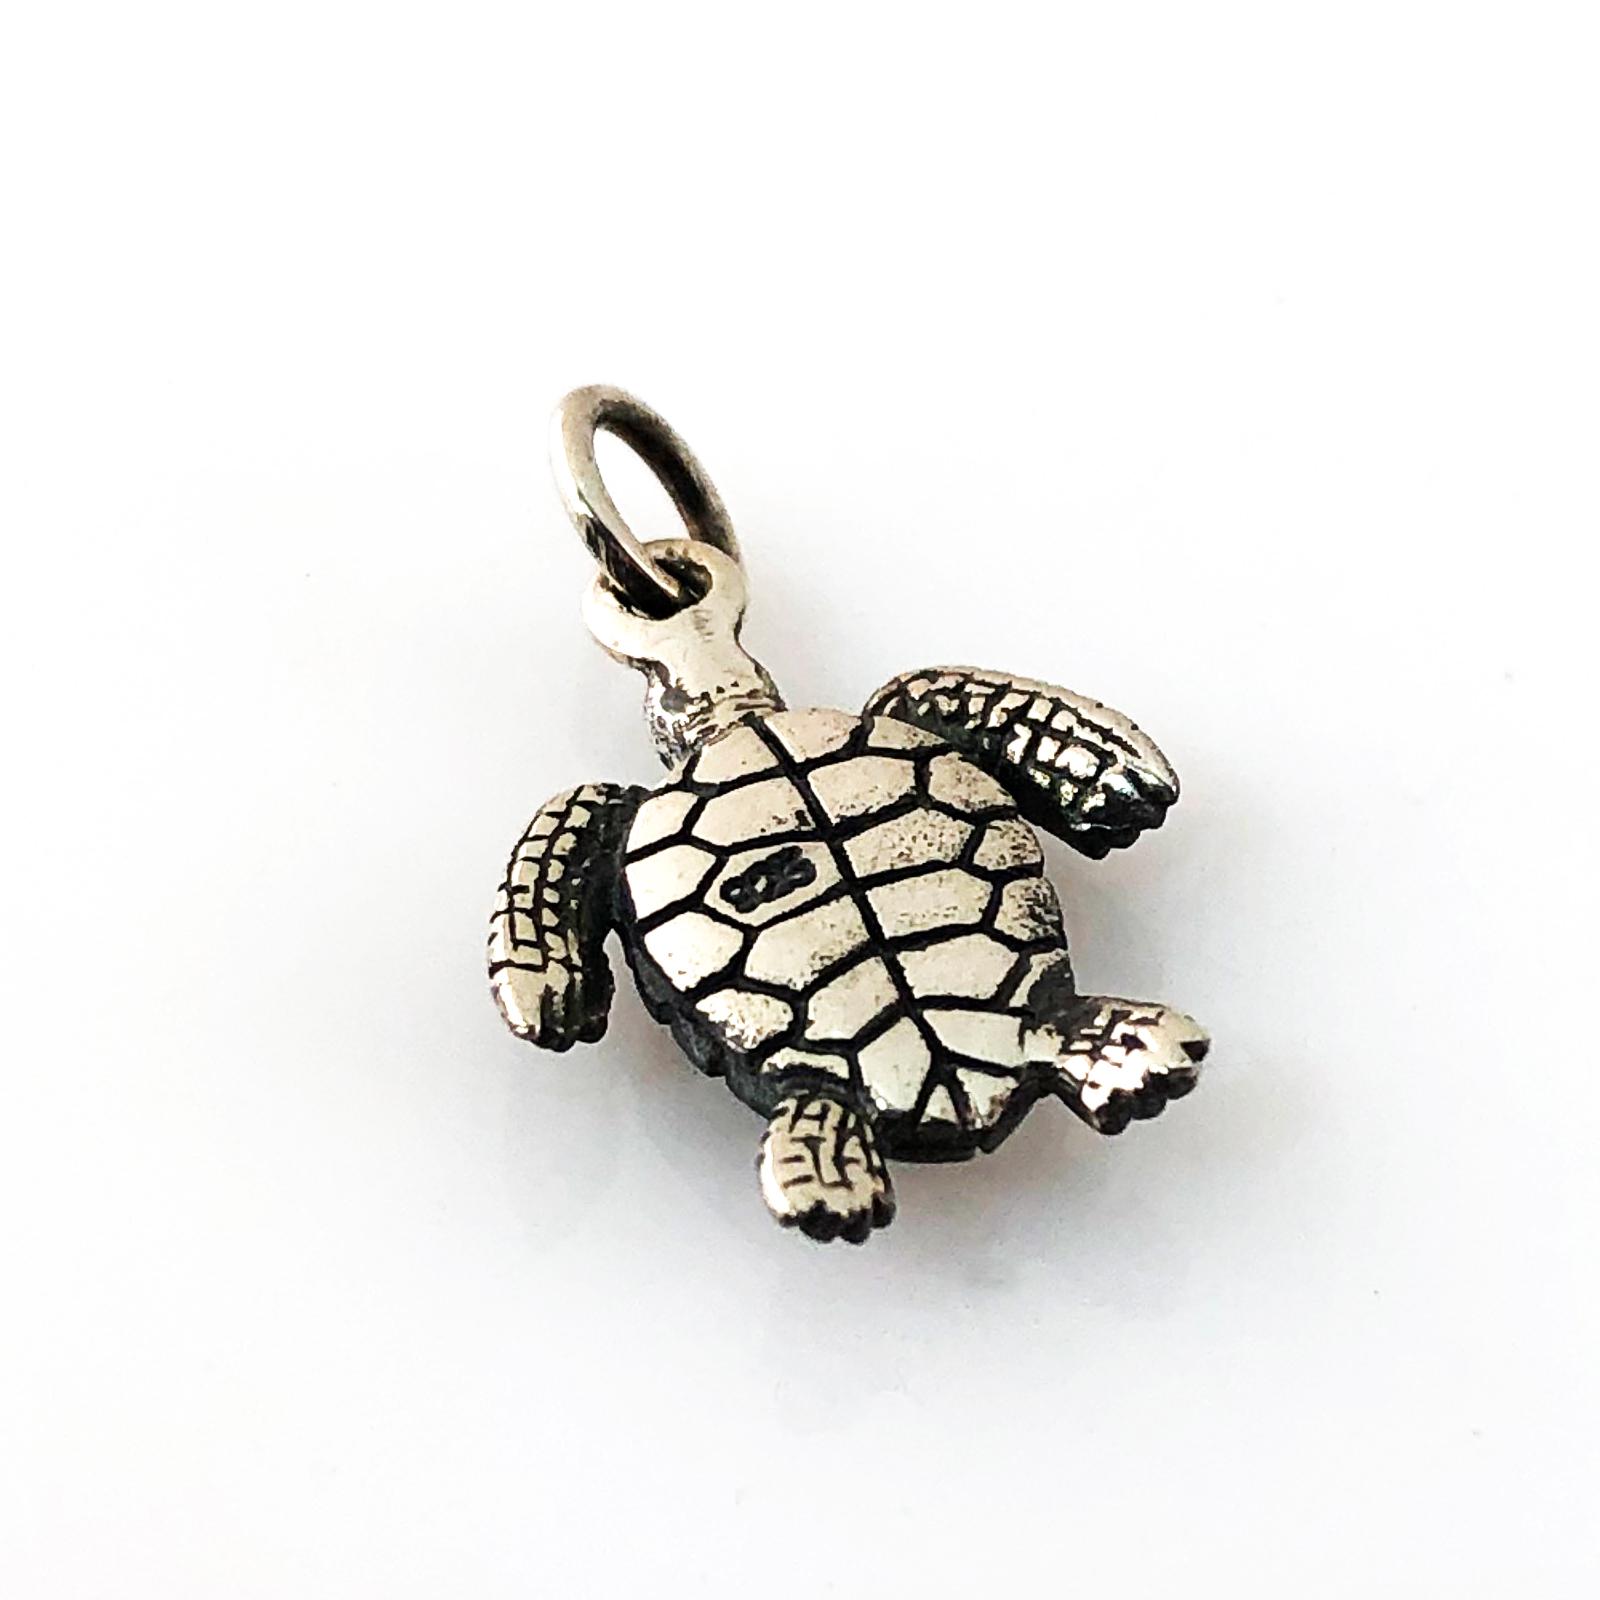 Sea Turtle Charm - underside